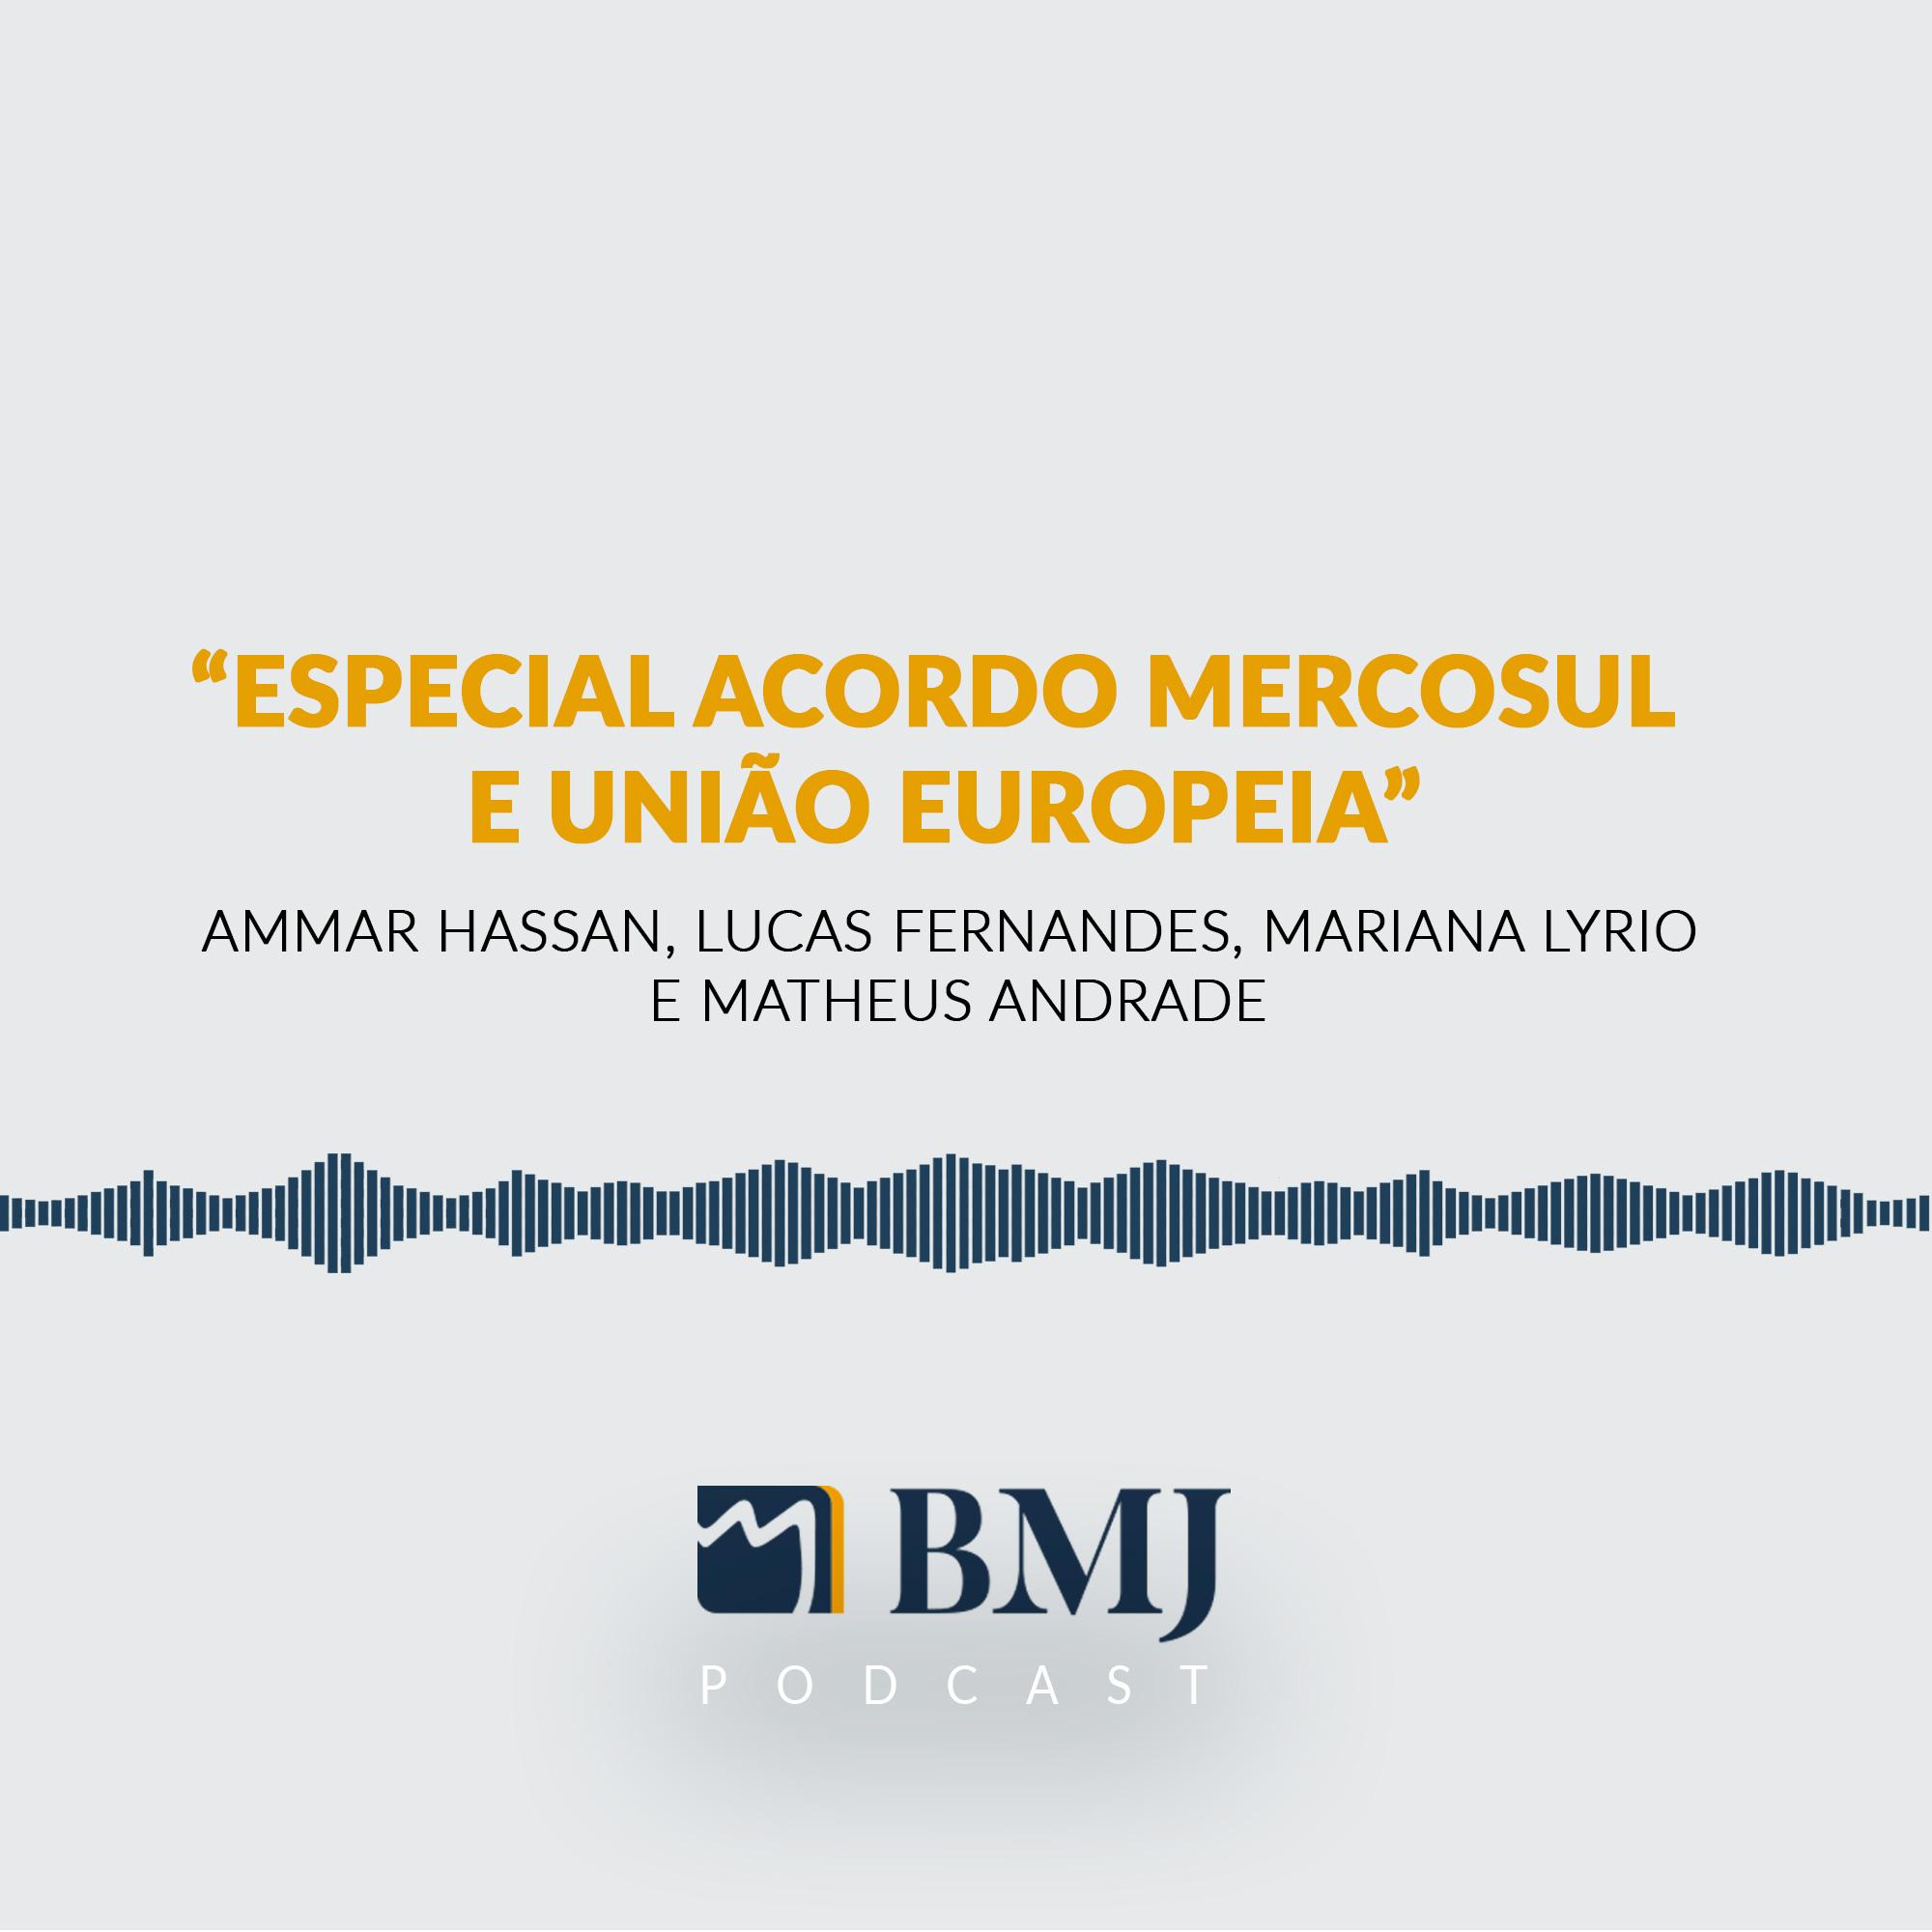 Especial Acordo Mercosul  e União Europeia